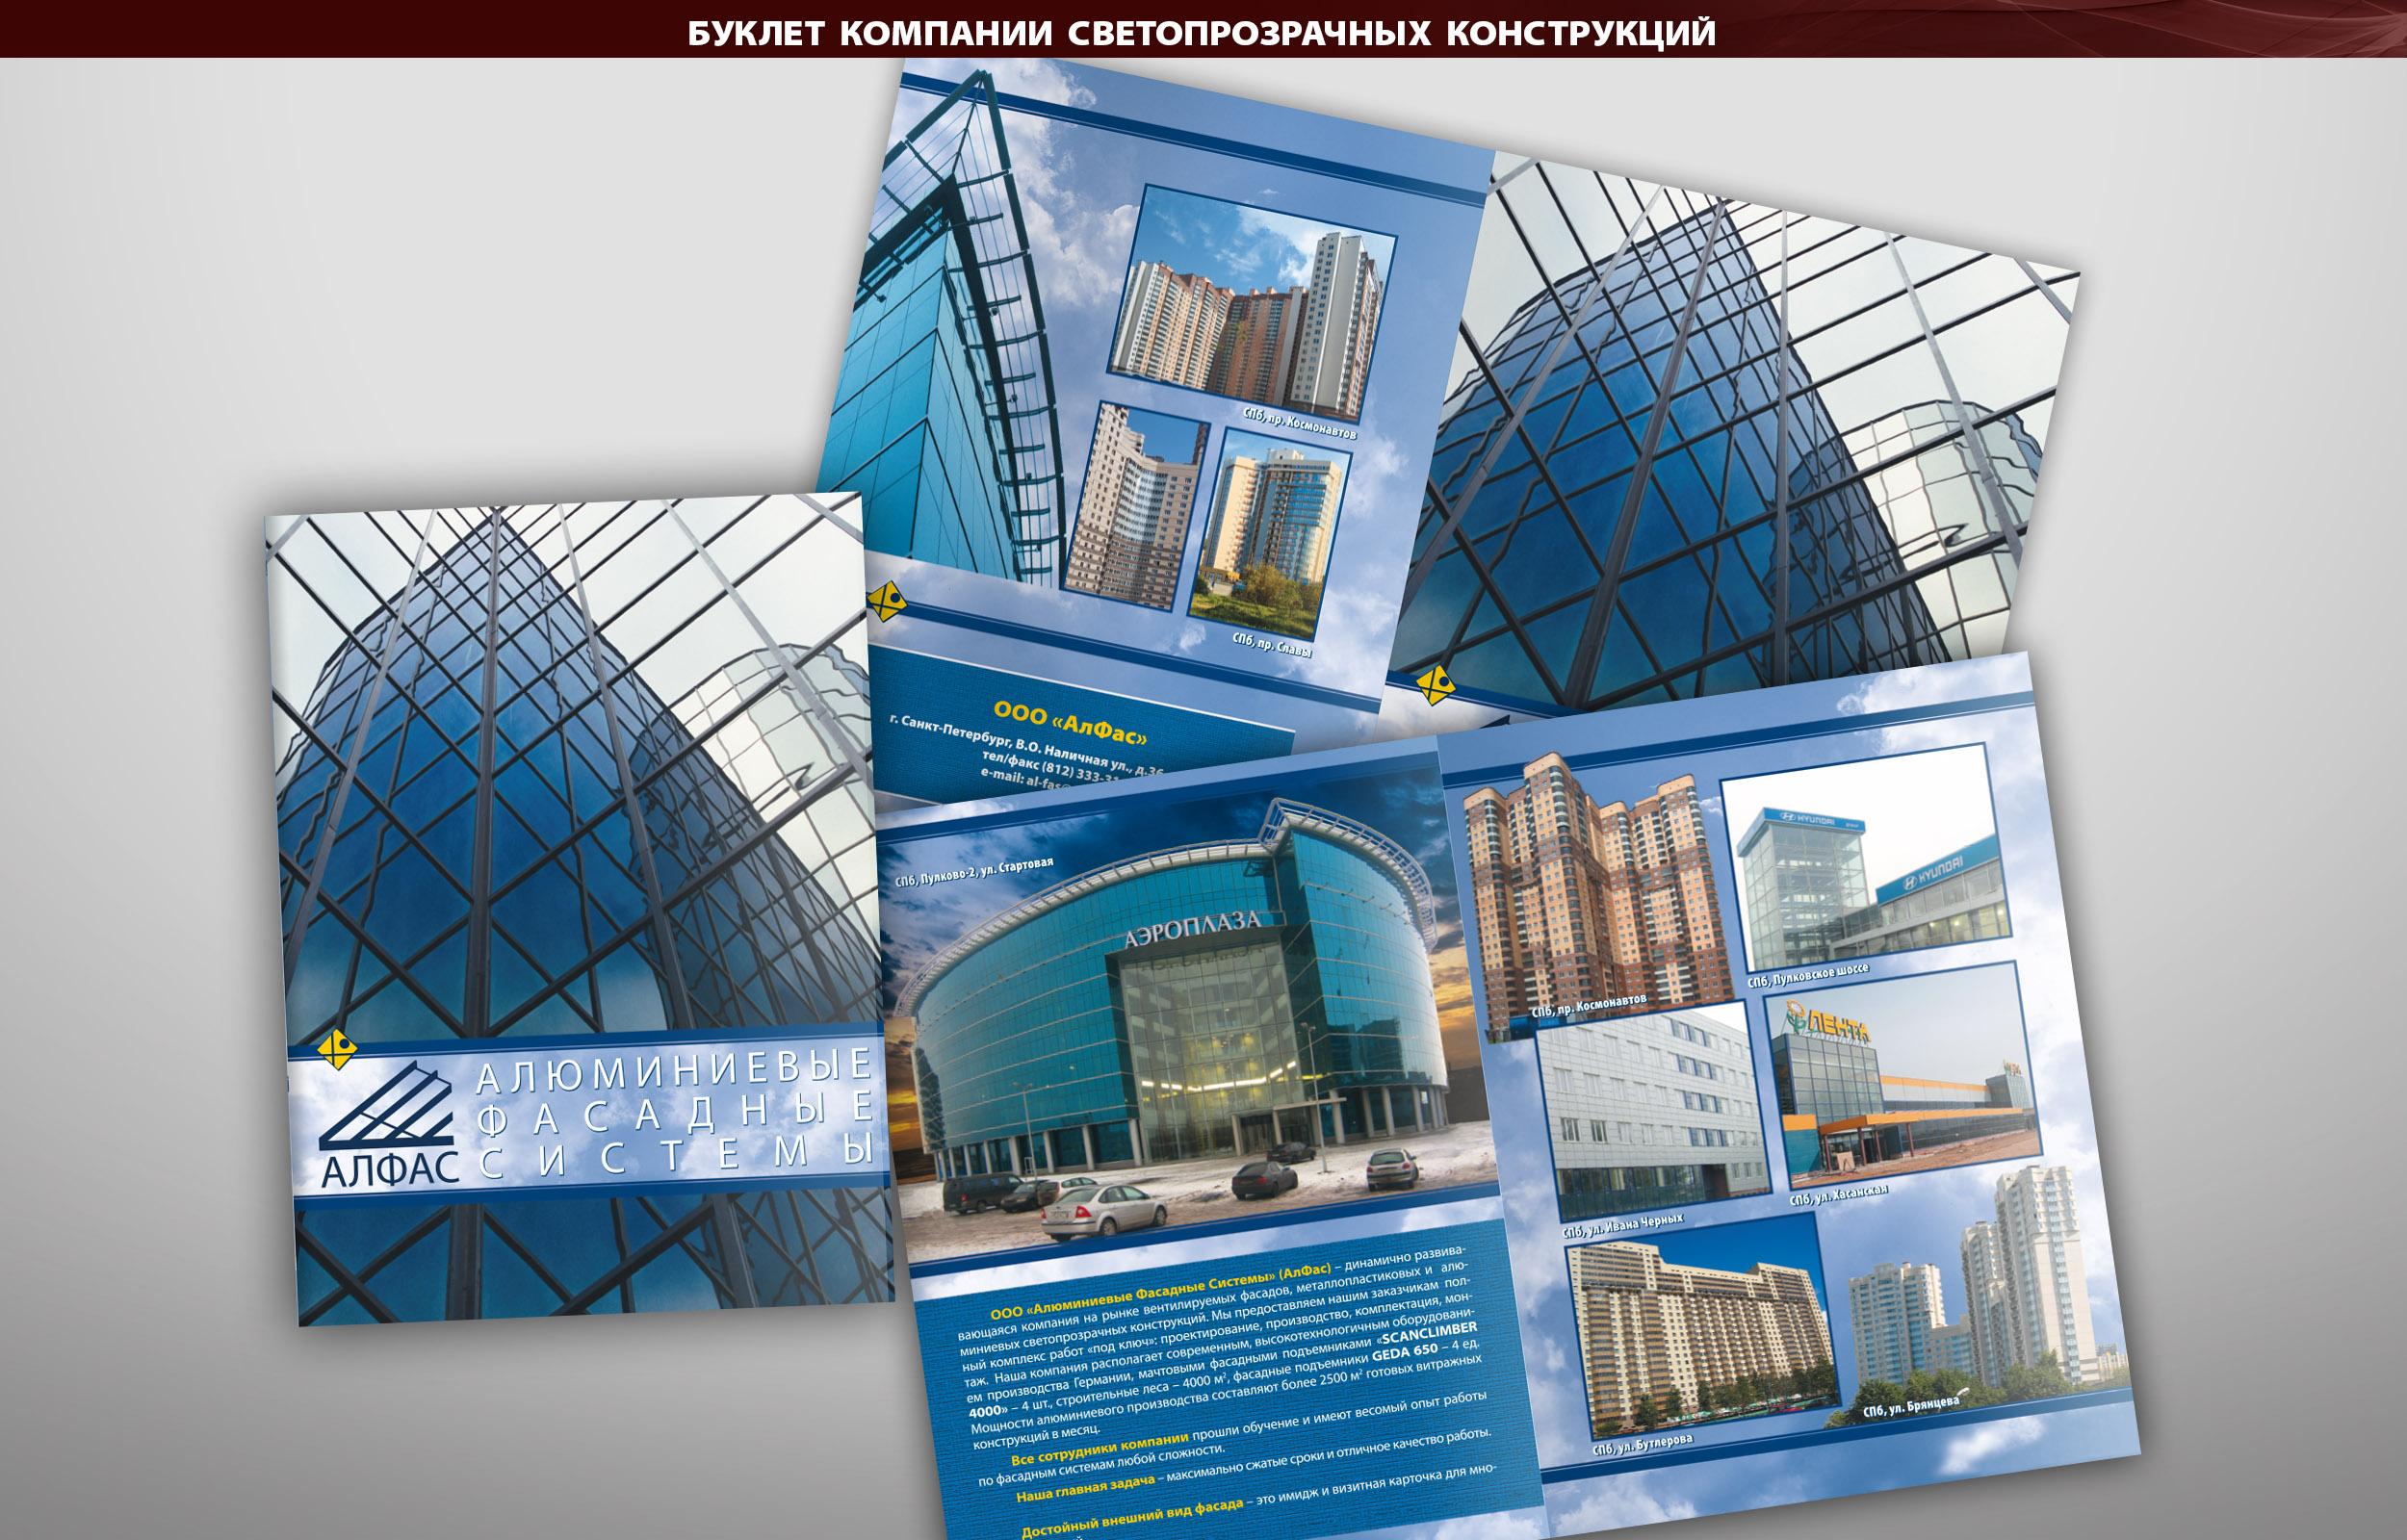 Буклет компании светопрозрачных конструкций